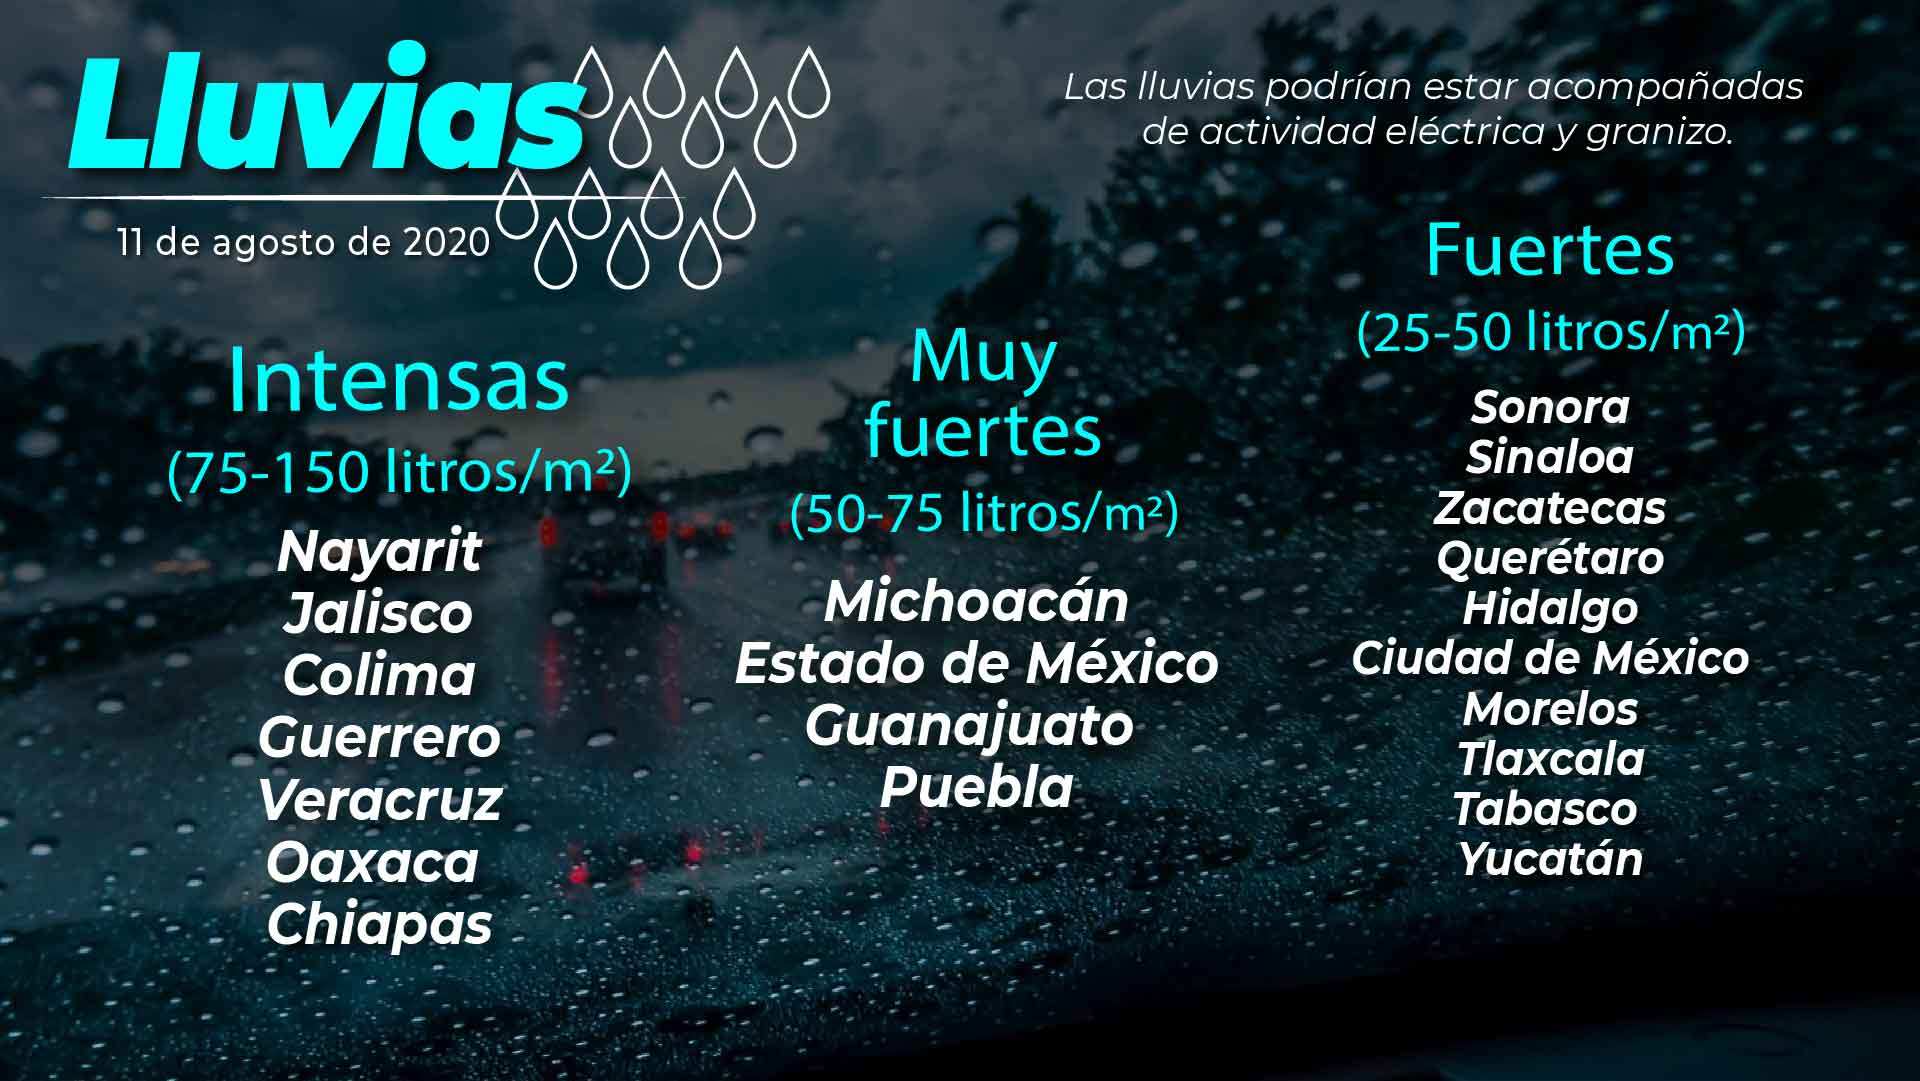 Se esperan lluvias fuertes para Tlaxcala el dia de hoy martes